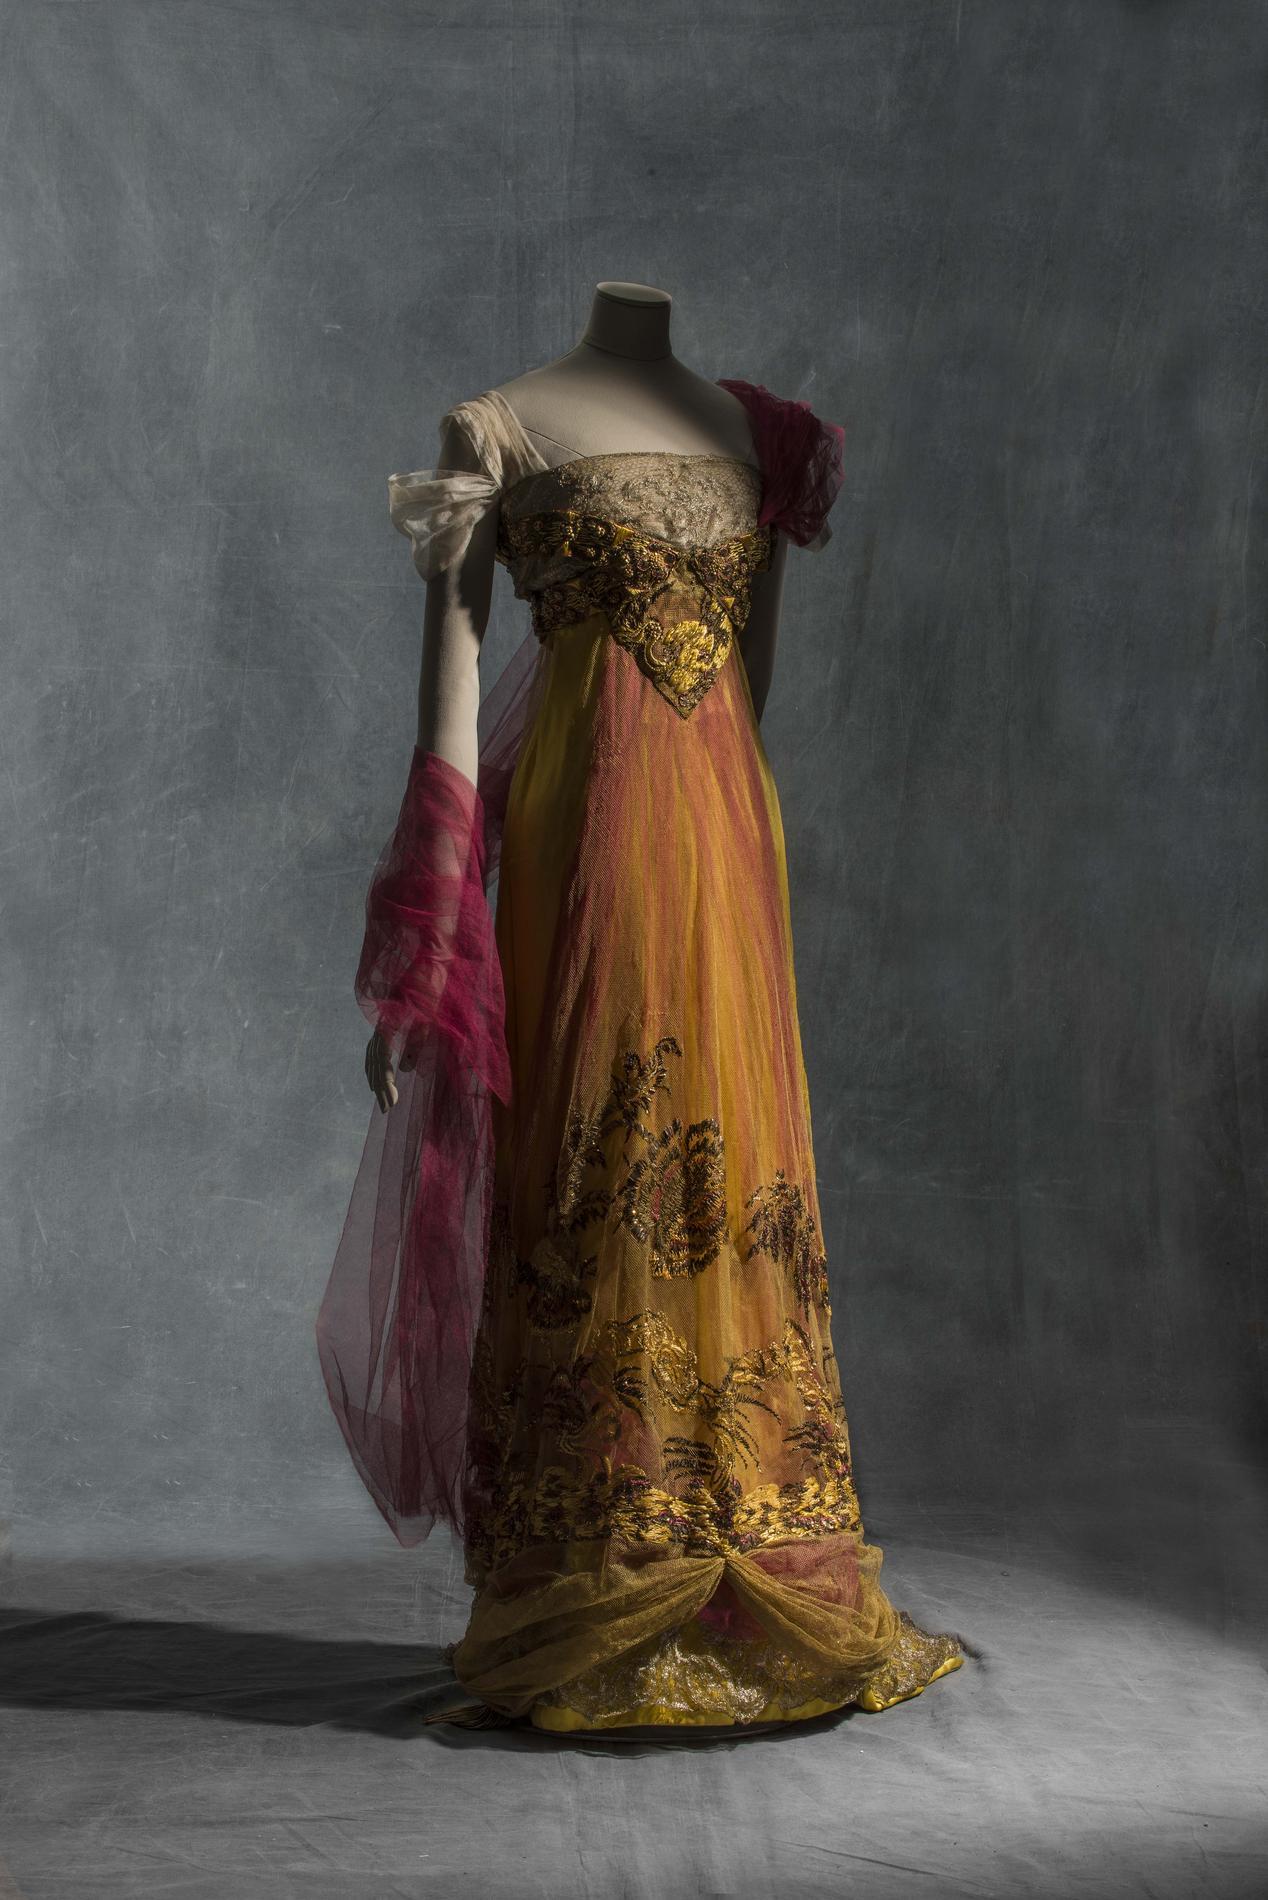 Fashion forward aux arts d co quand la mode claire l - Les arts decoratif paris ...